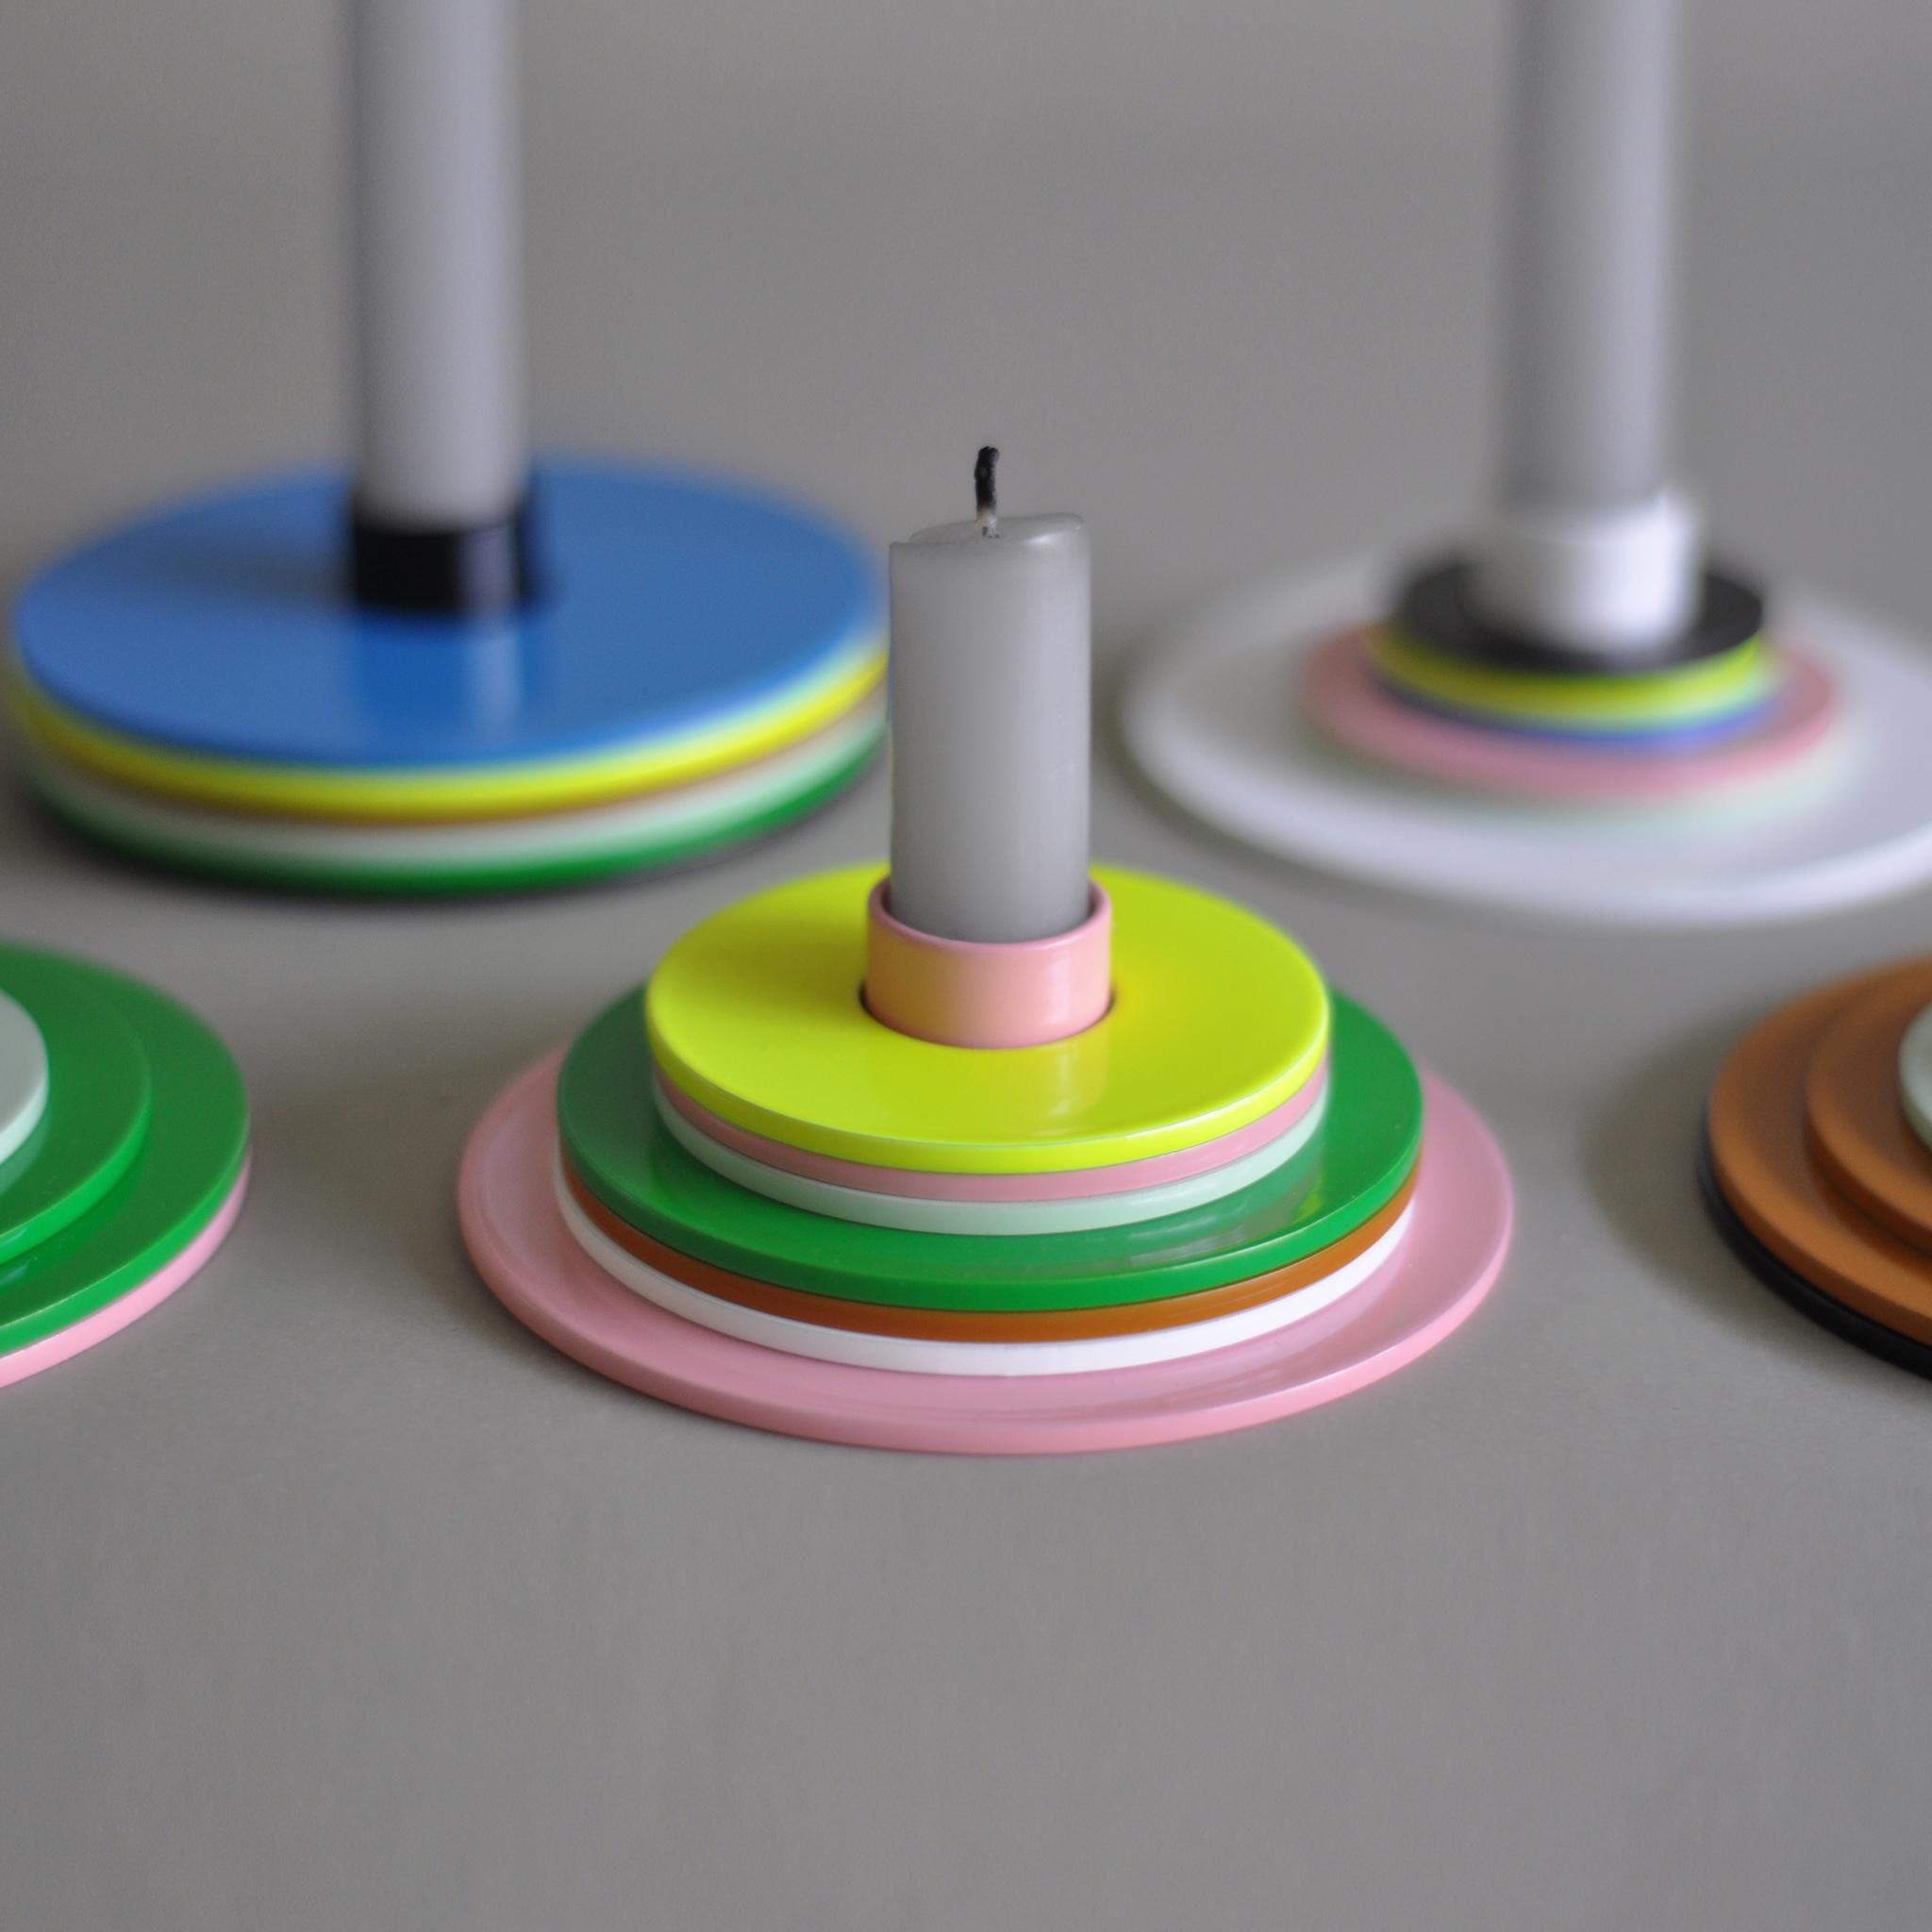 Kolor Candle Holder